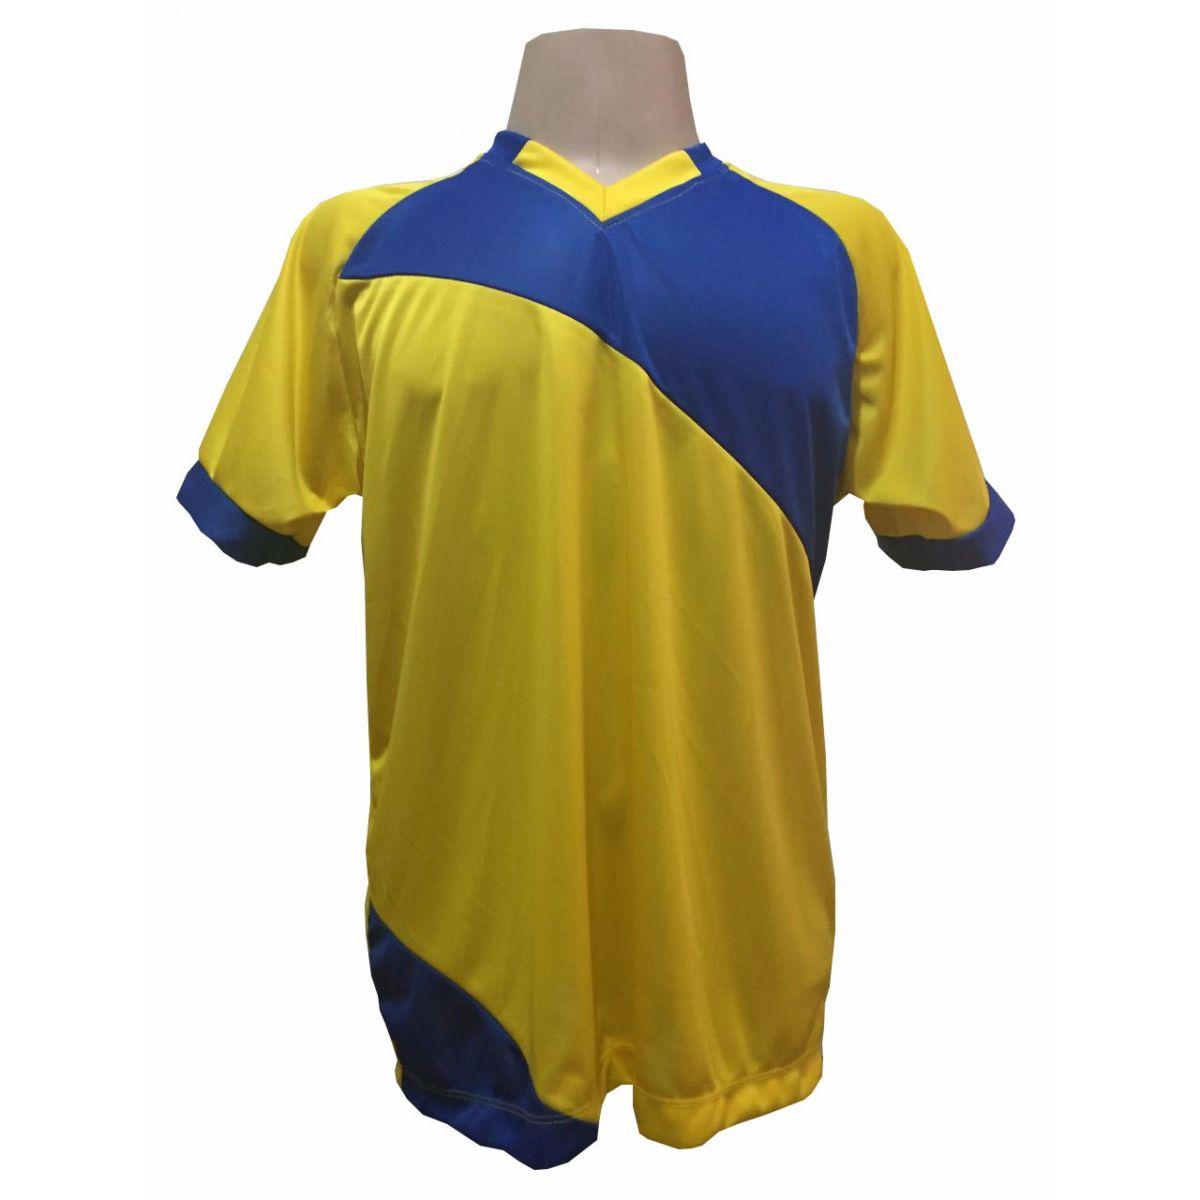 Uniforme Esportivo com 20 Camisas modelo Bélgica Amarelo/Royal + 20 Calções modelo Madrid Amarelo